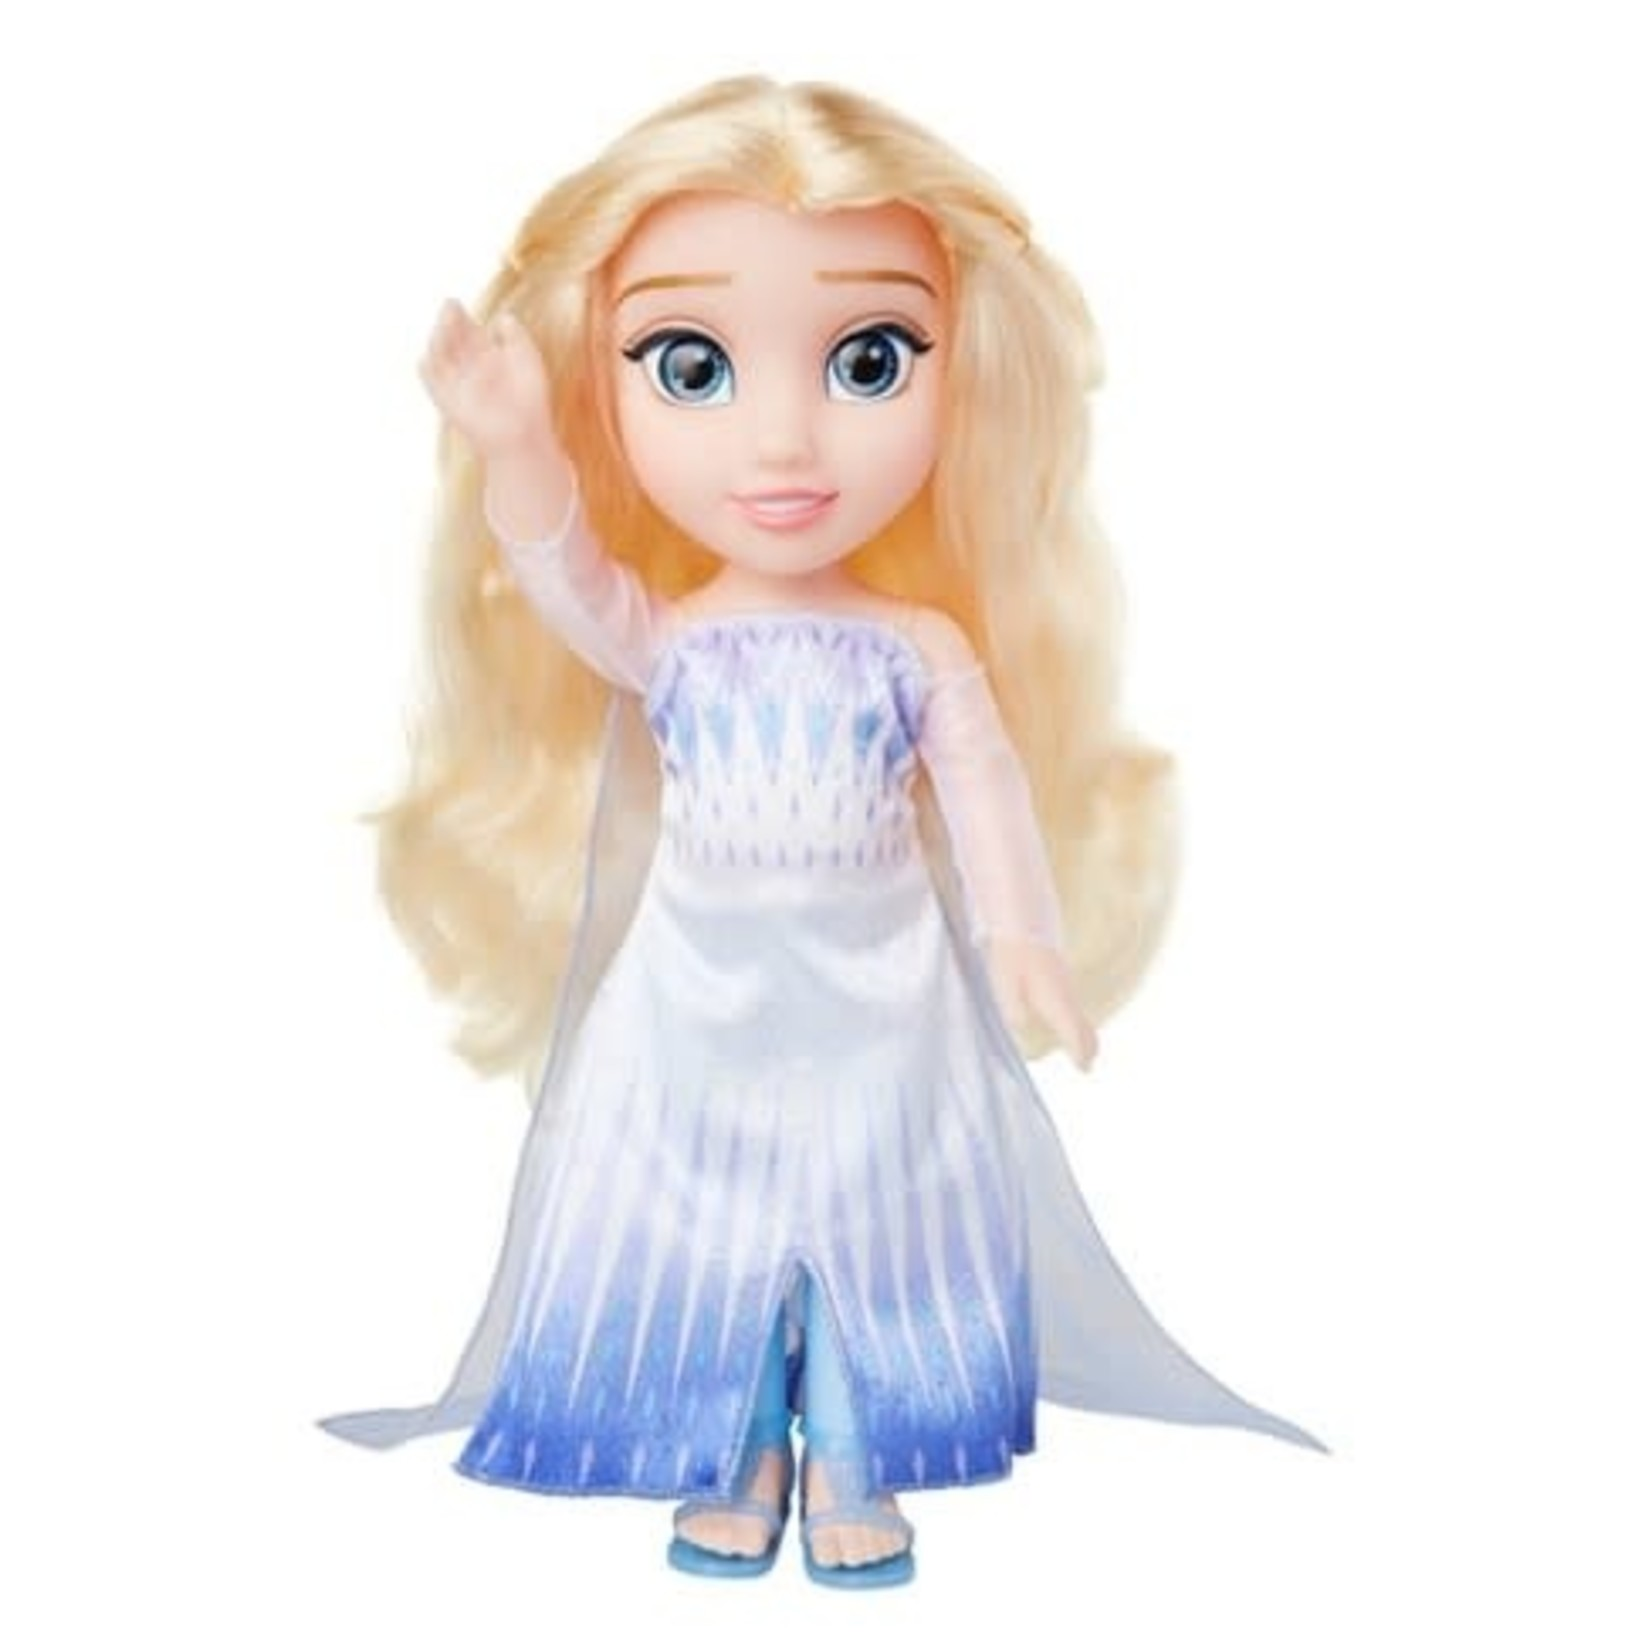 Disney Frozen 2 Elsa the Snow Queen Doll